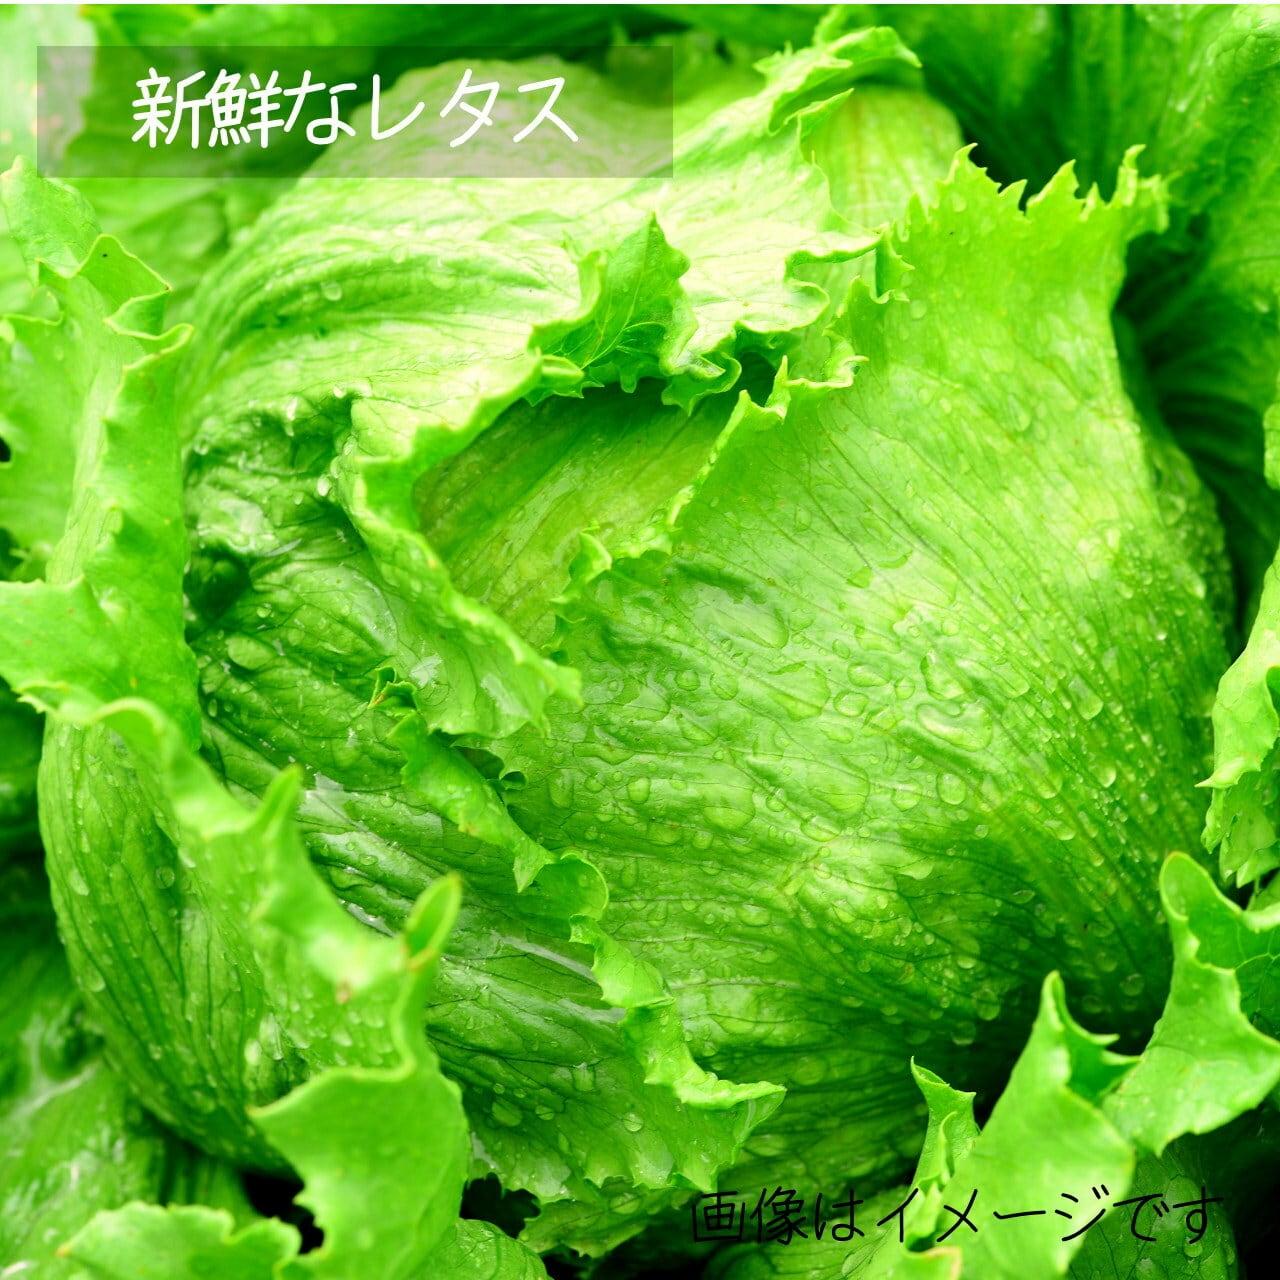 5月朝採り直売野菜:レタス 1個 春の新鮮野菜 5月15日発送予定